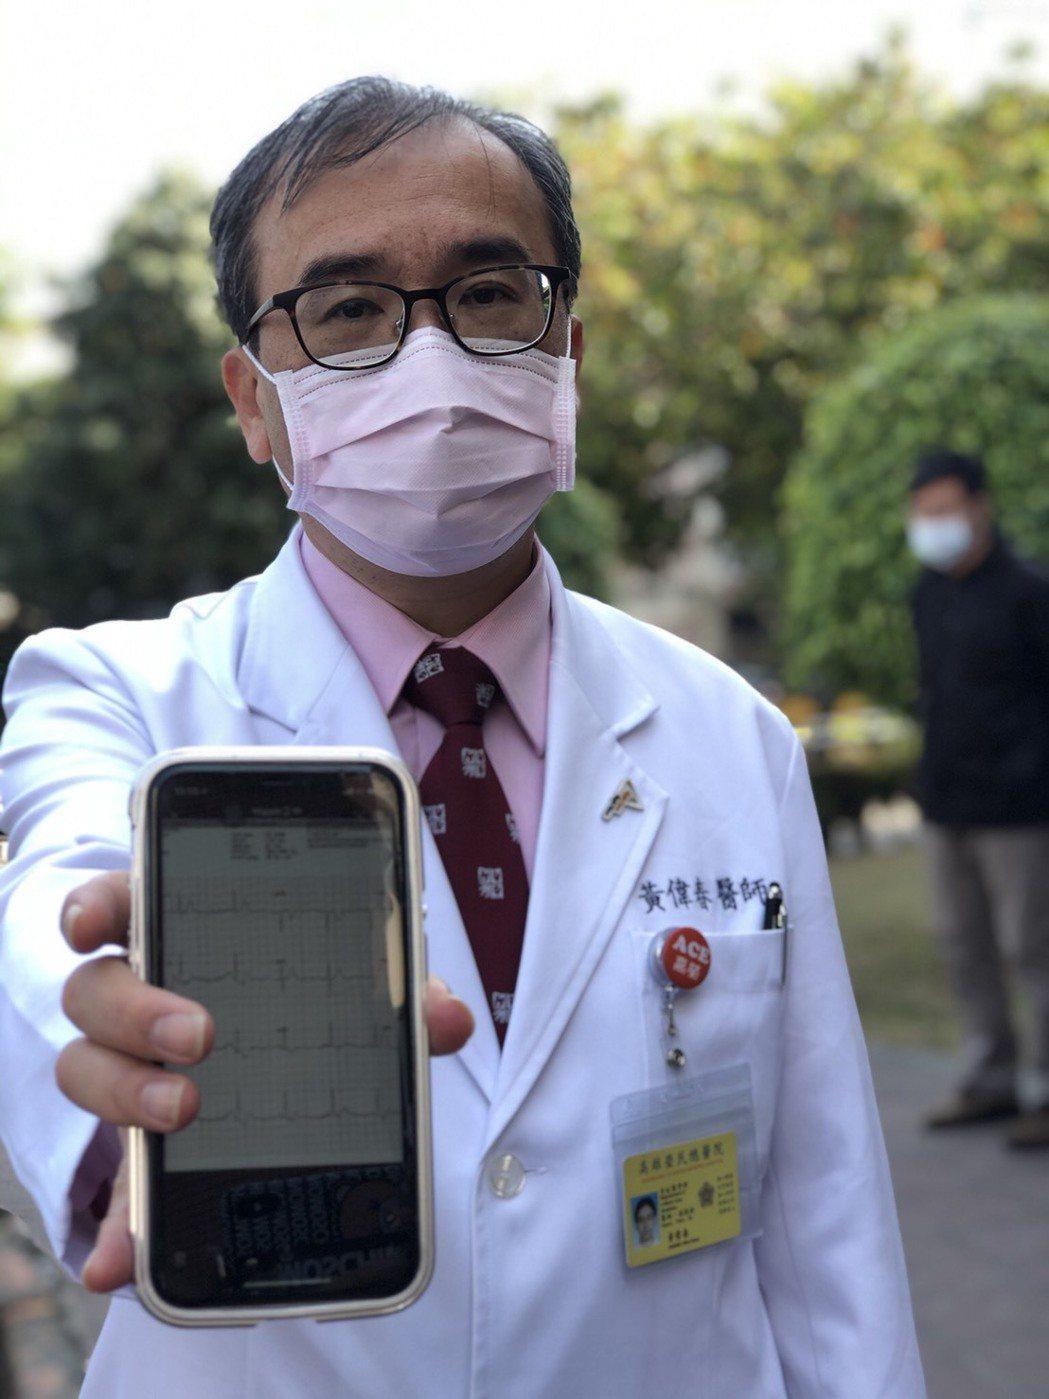 高榮重症醫學部主任黃偉春說,救護車上配置的「十二導程心電圖」資訊會及時傳到醫師手...